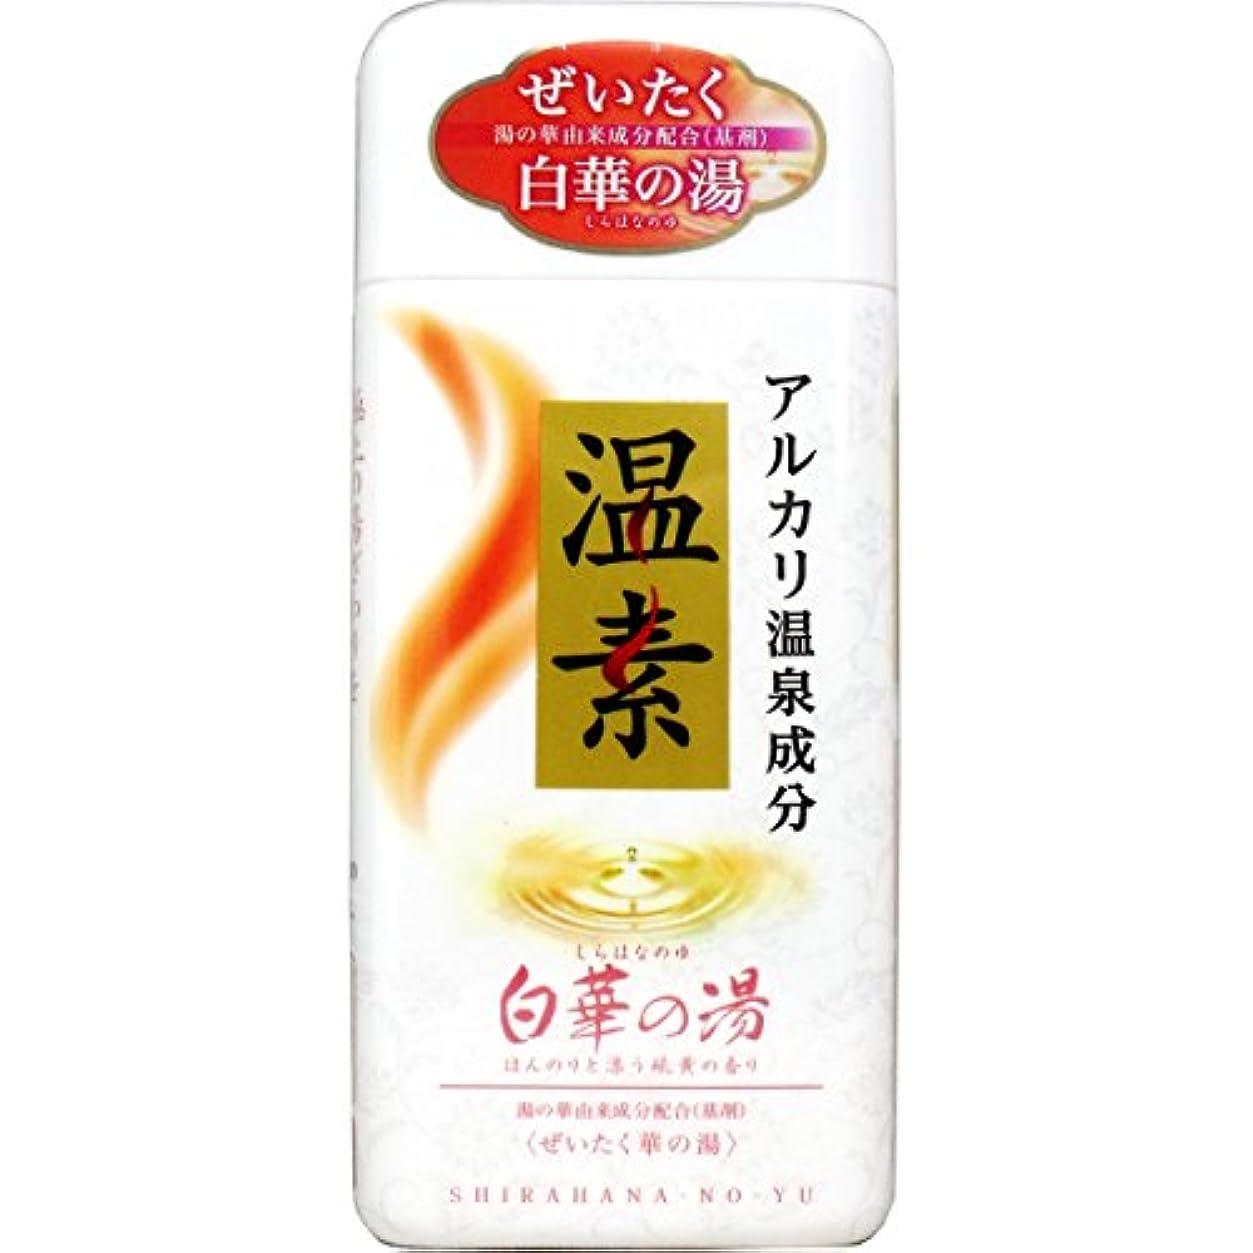 コークスお風呂苗温素 白華の湯 × 3個セット